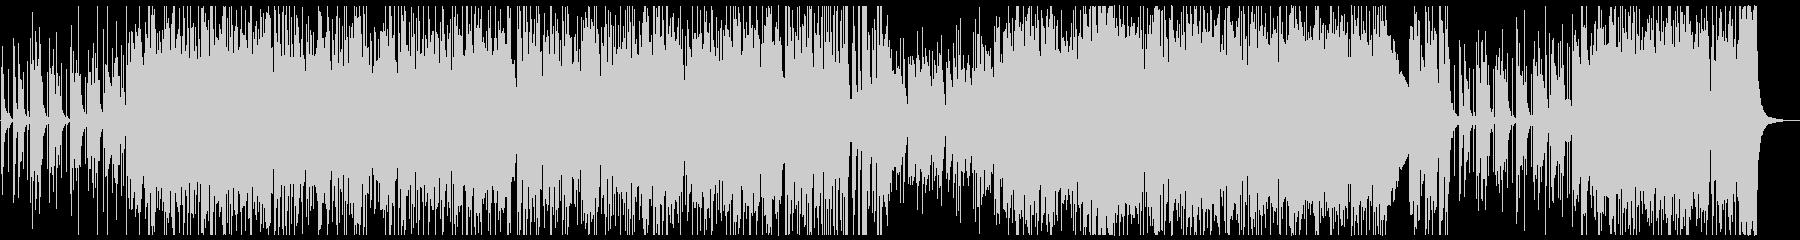 アップテンポのJAZZ(ピアノトリオ)の未再生の波形